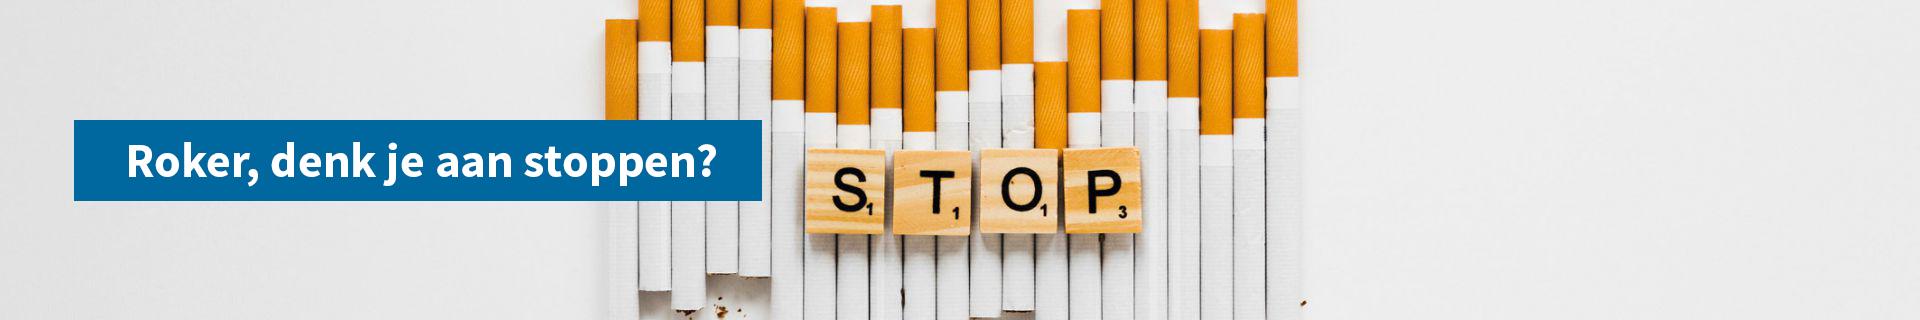 https://logobrugge-oostende.be/content/roker-denk-je-aan-stoppen